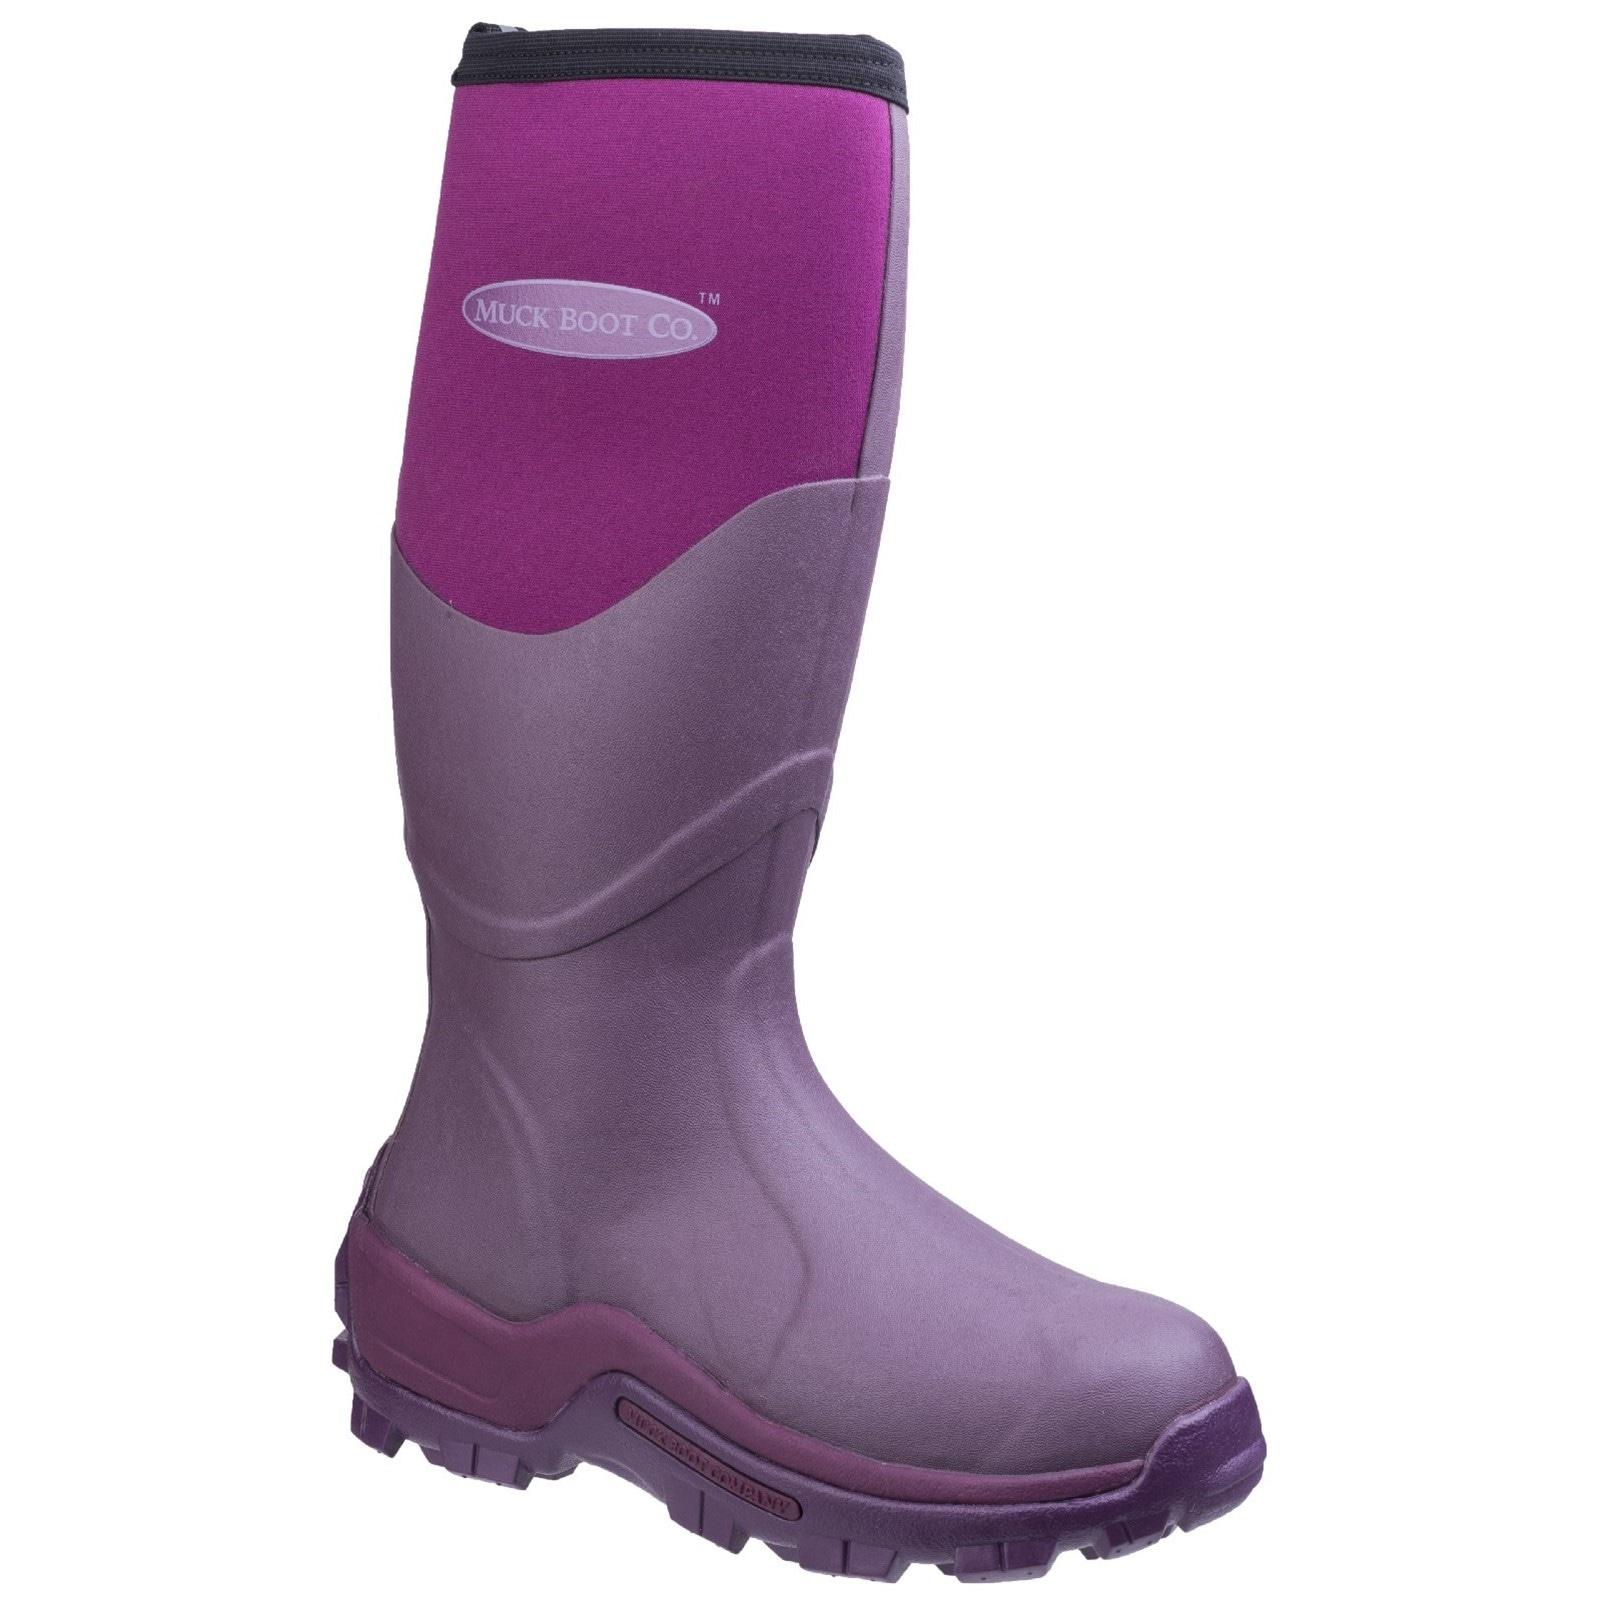 muck boots -  Gummistiefel Muck Boot Damen Greta Handelsklasse